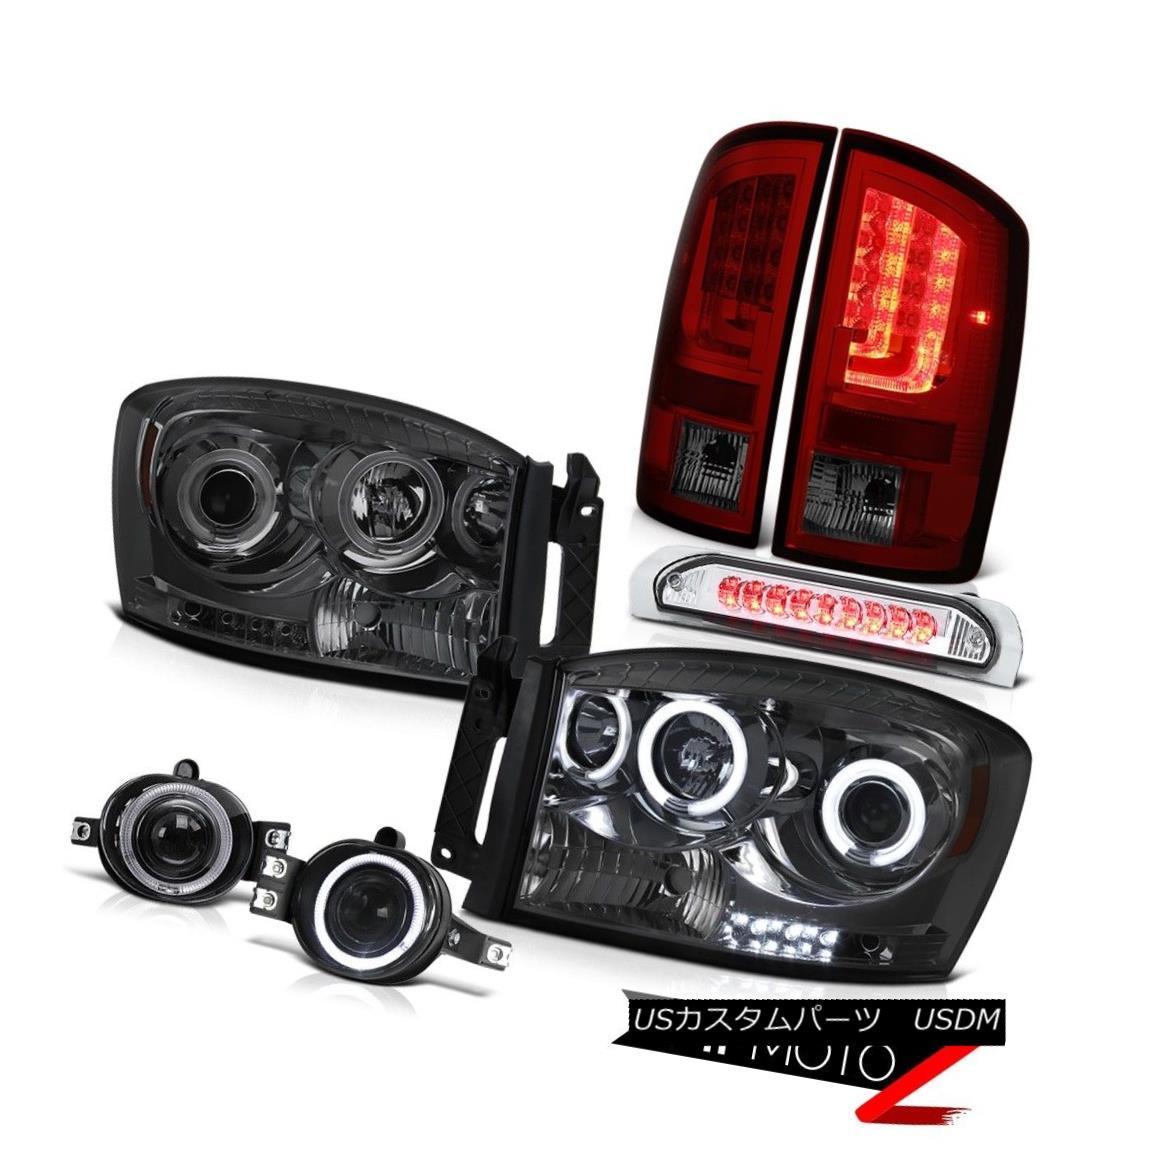 テールライト 07-08 Dodge Ram 2500 5.9L Taillights Smokey Headlights Fog Lamps High STop Lamp 07-08ダッジラム2500 5.9LテールライトスモーキーヘッドライトフォグランプハイSTOPランプ